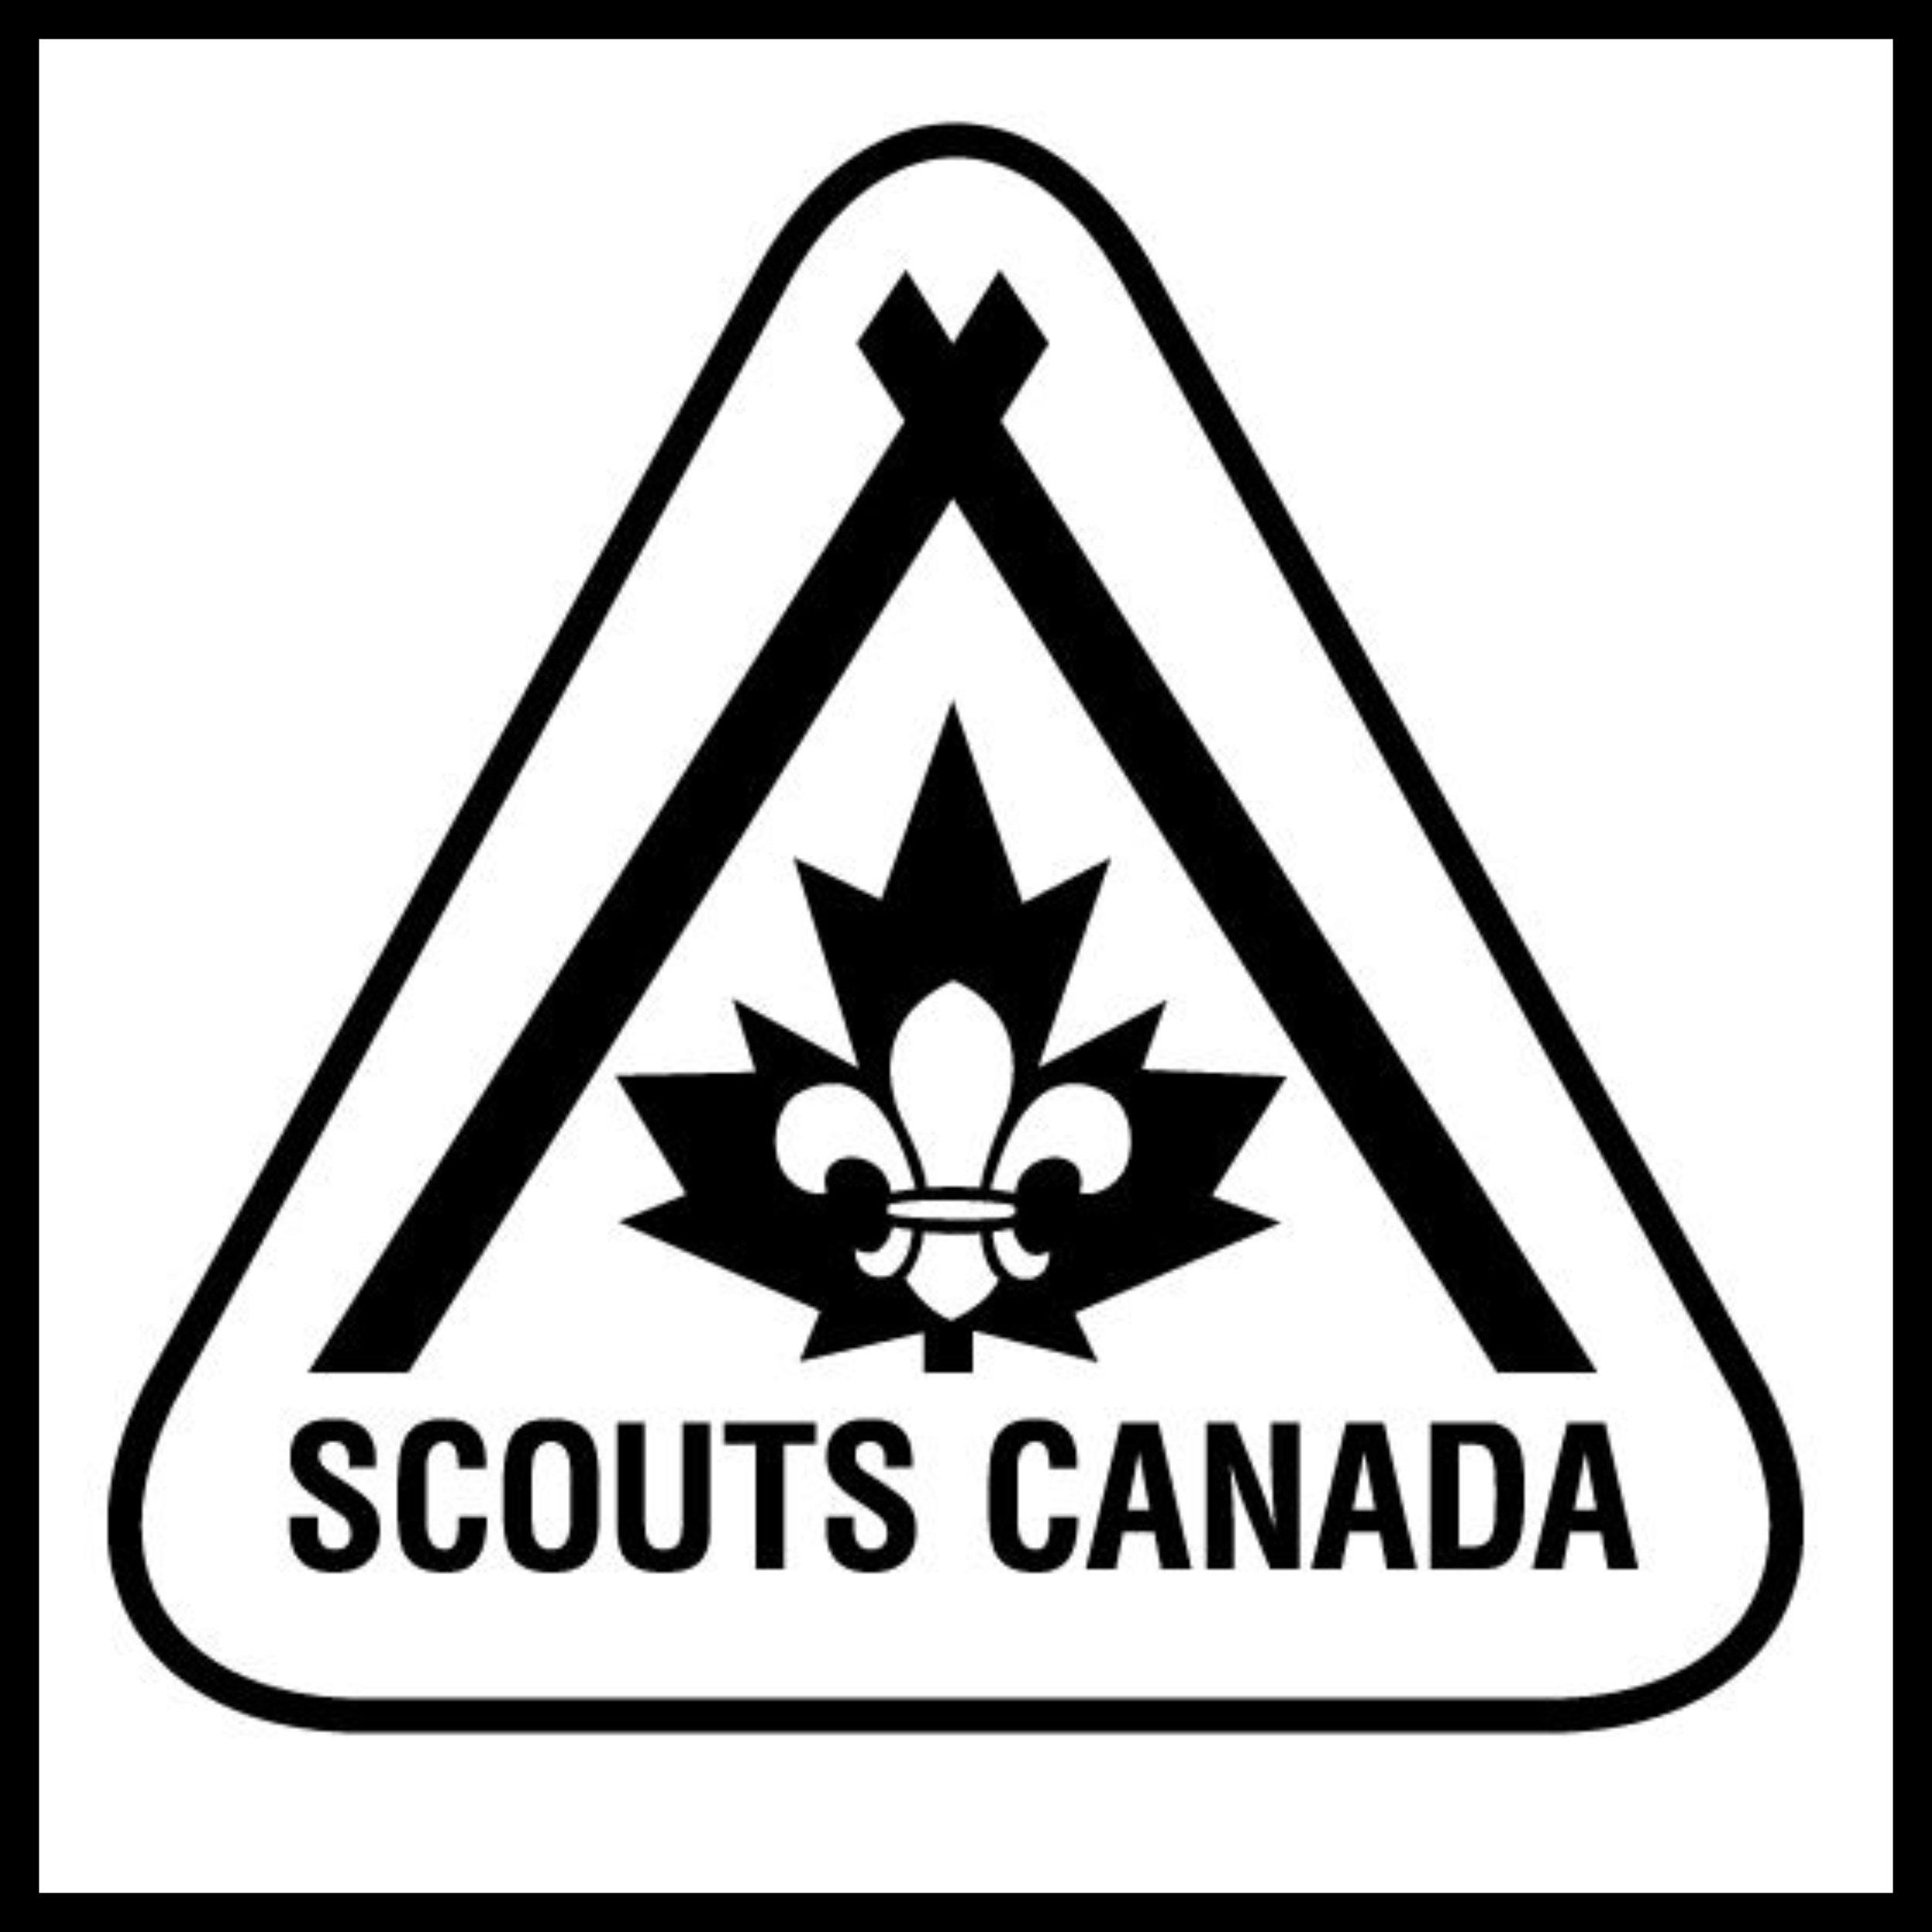 ScoutsCanadaSQ.jpg